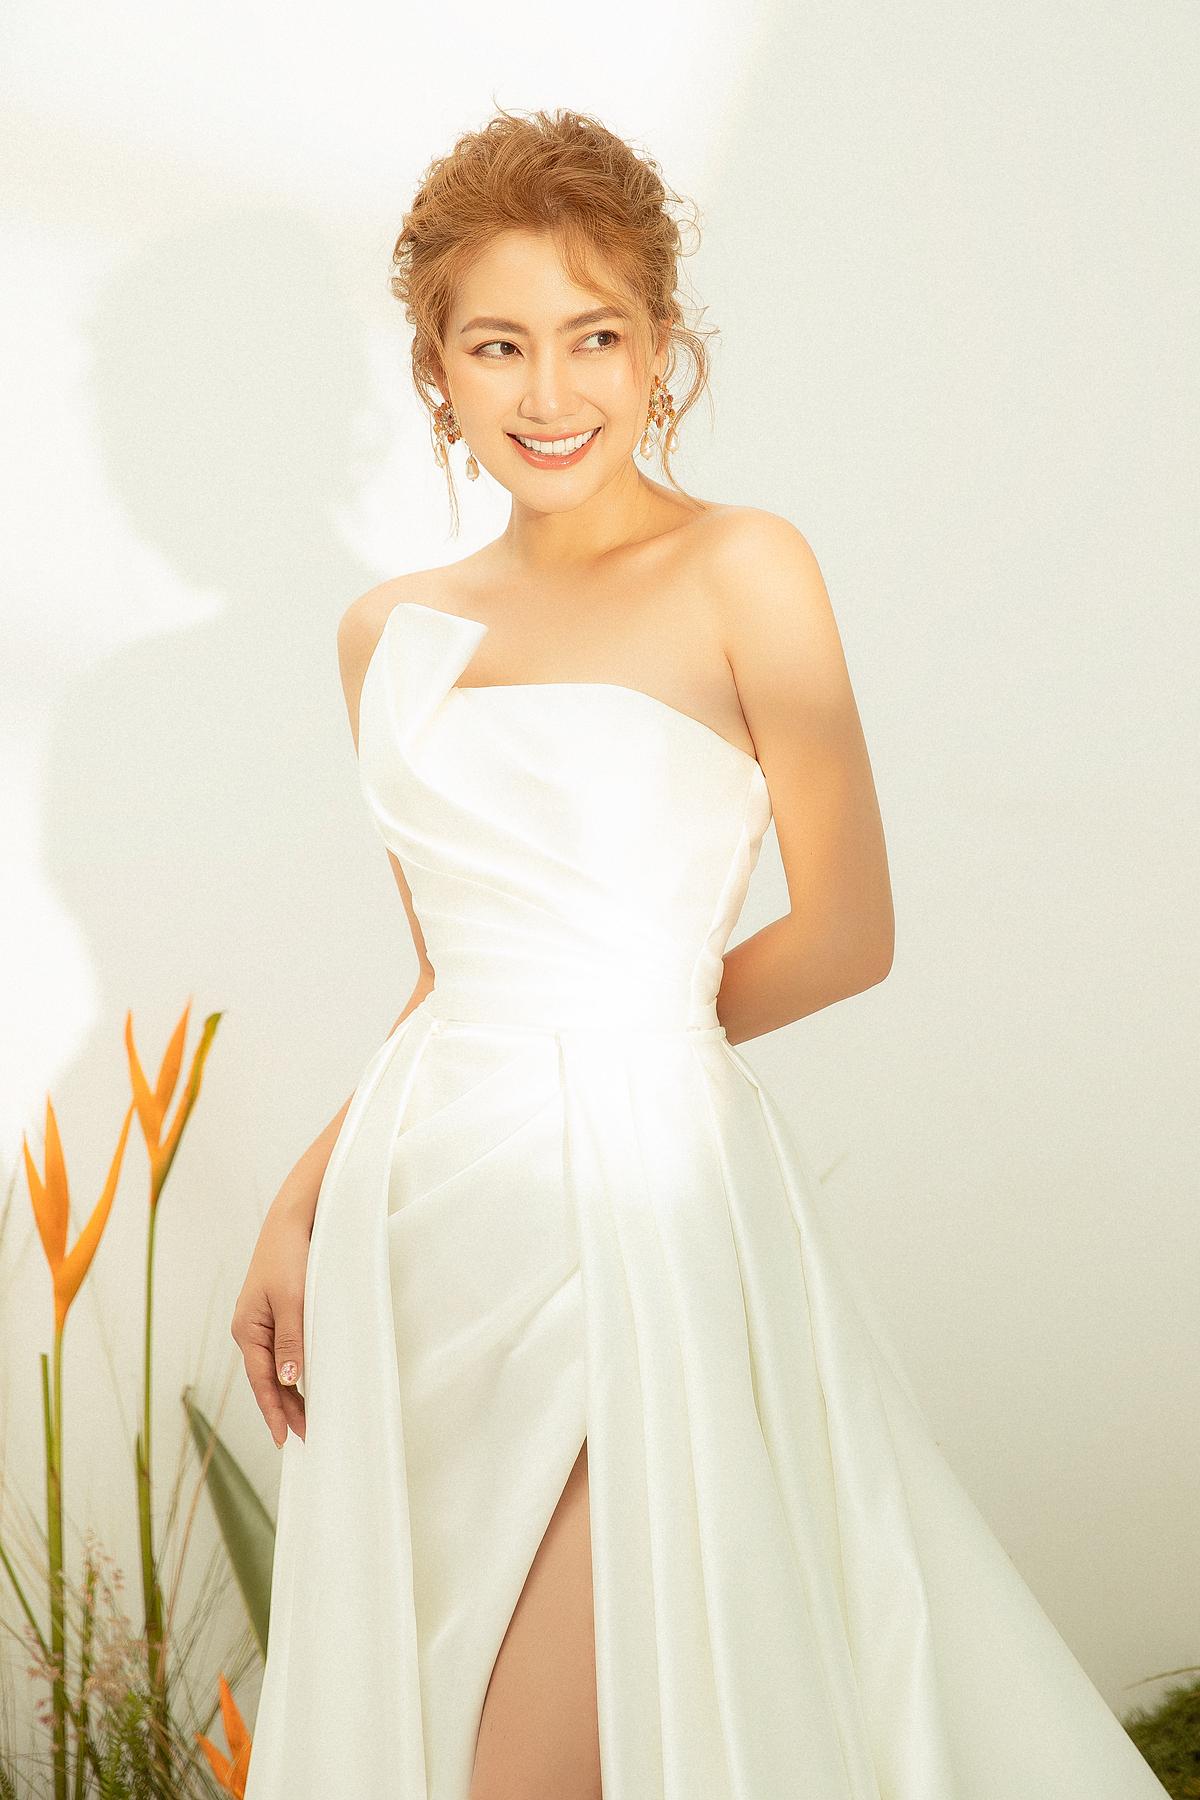 Thiết kế đặc biệt phù hợp với cô dâu có vóc dáng mảnh mai và phù hợp với tiệc cưới ngoài trời, cần sự thoải mái trong việc di chuyển